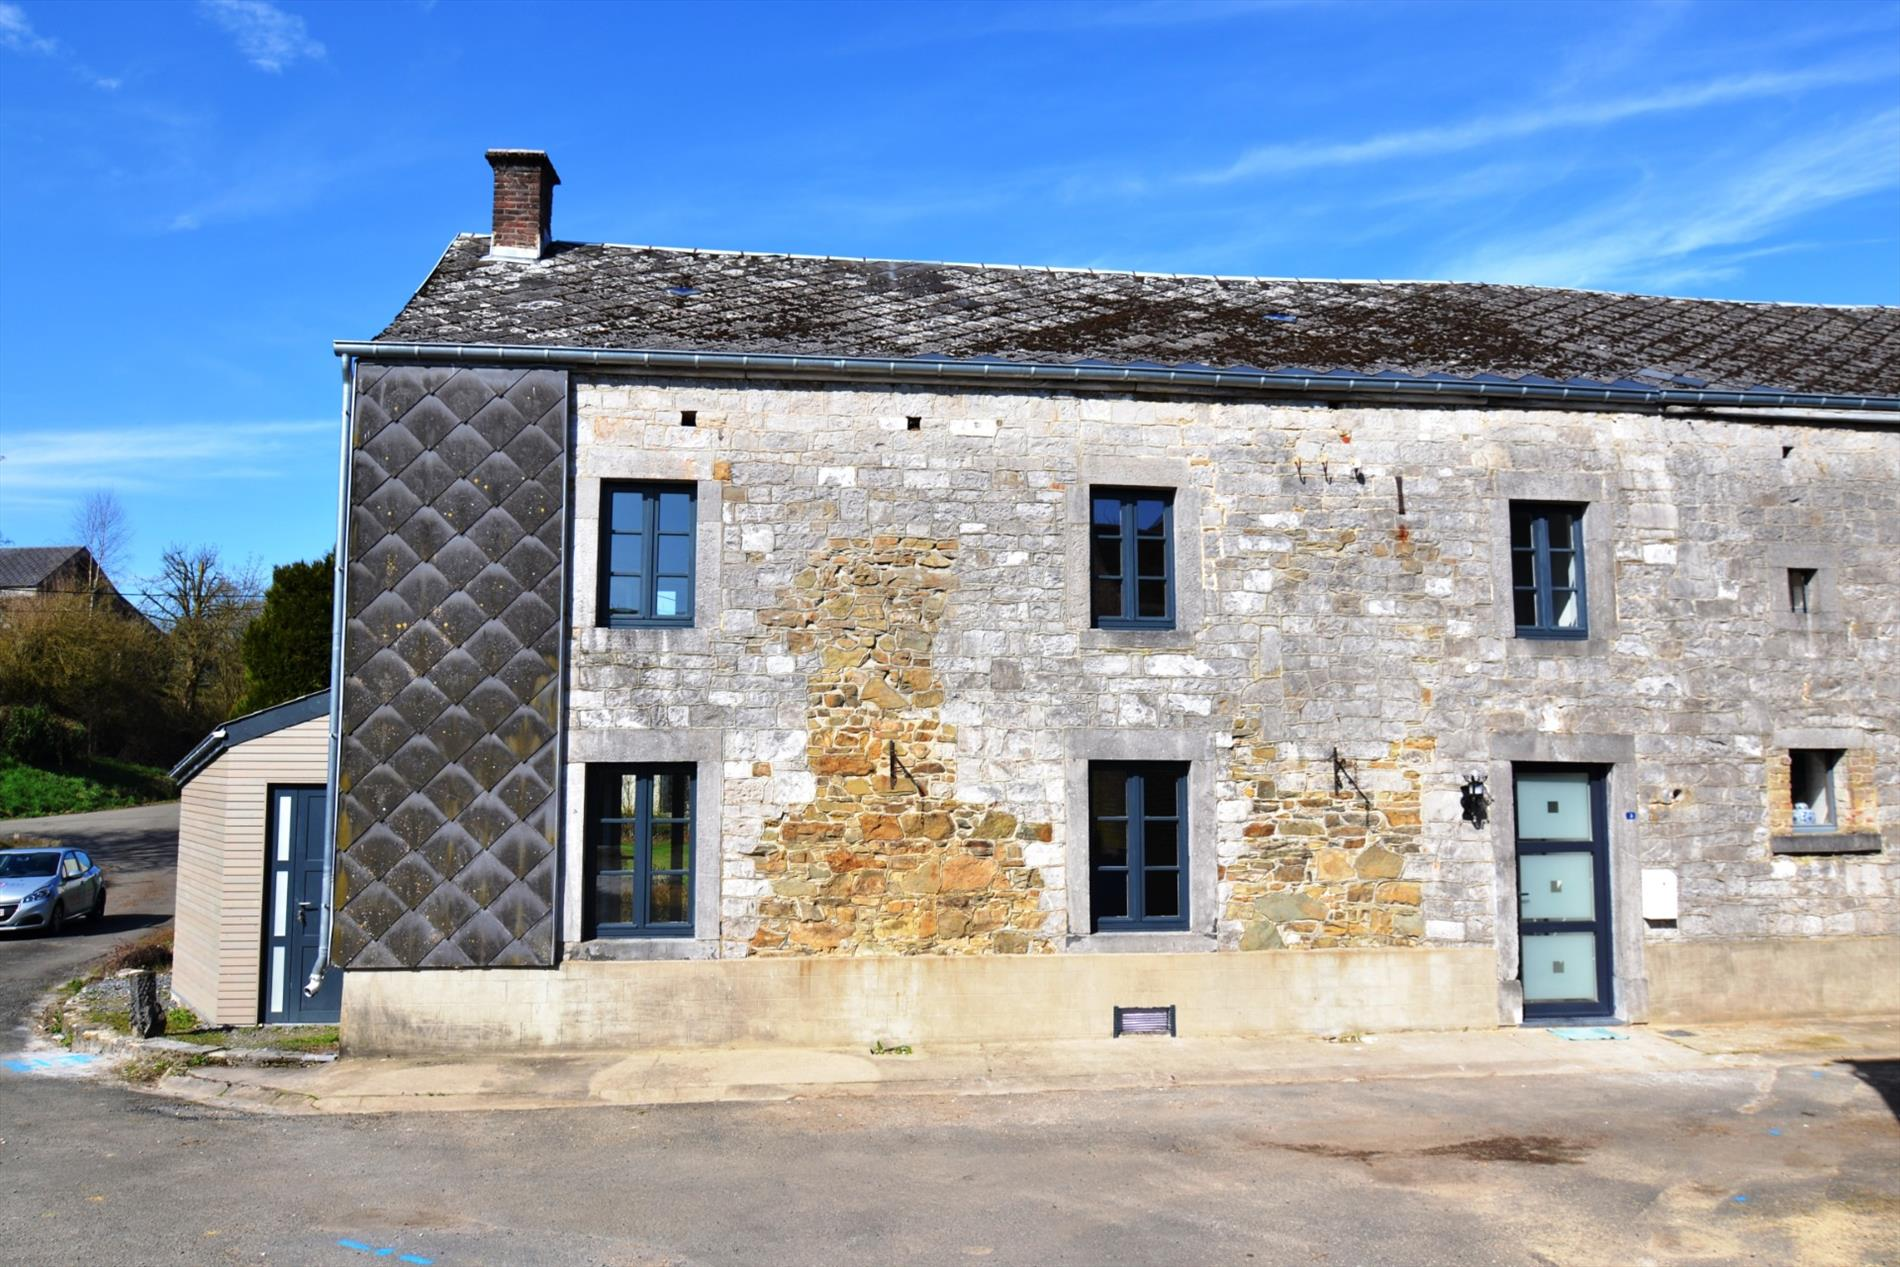 Maison unifamiliale 3f avec jardin maison a louer 5372 for Achat maison 3f